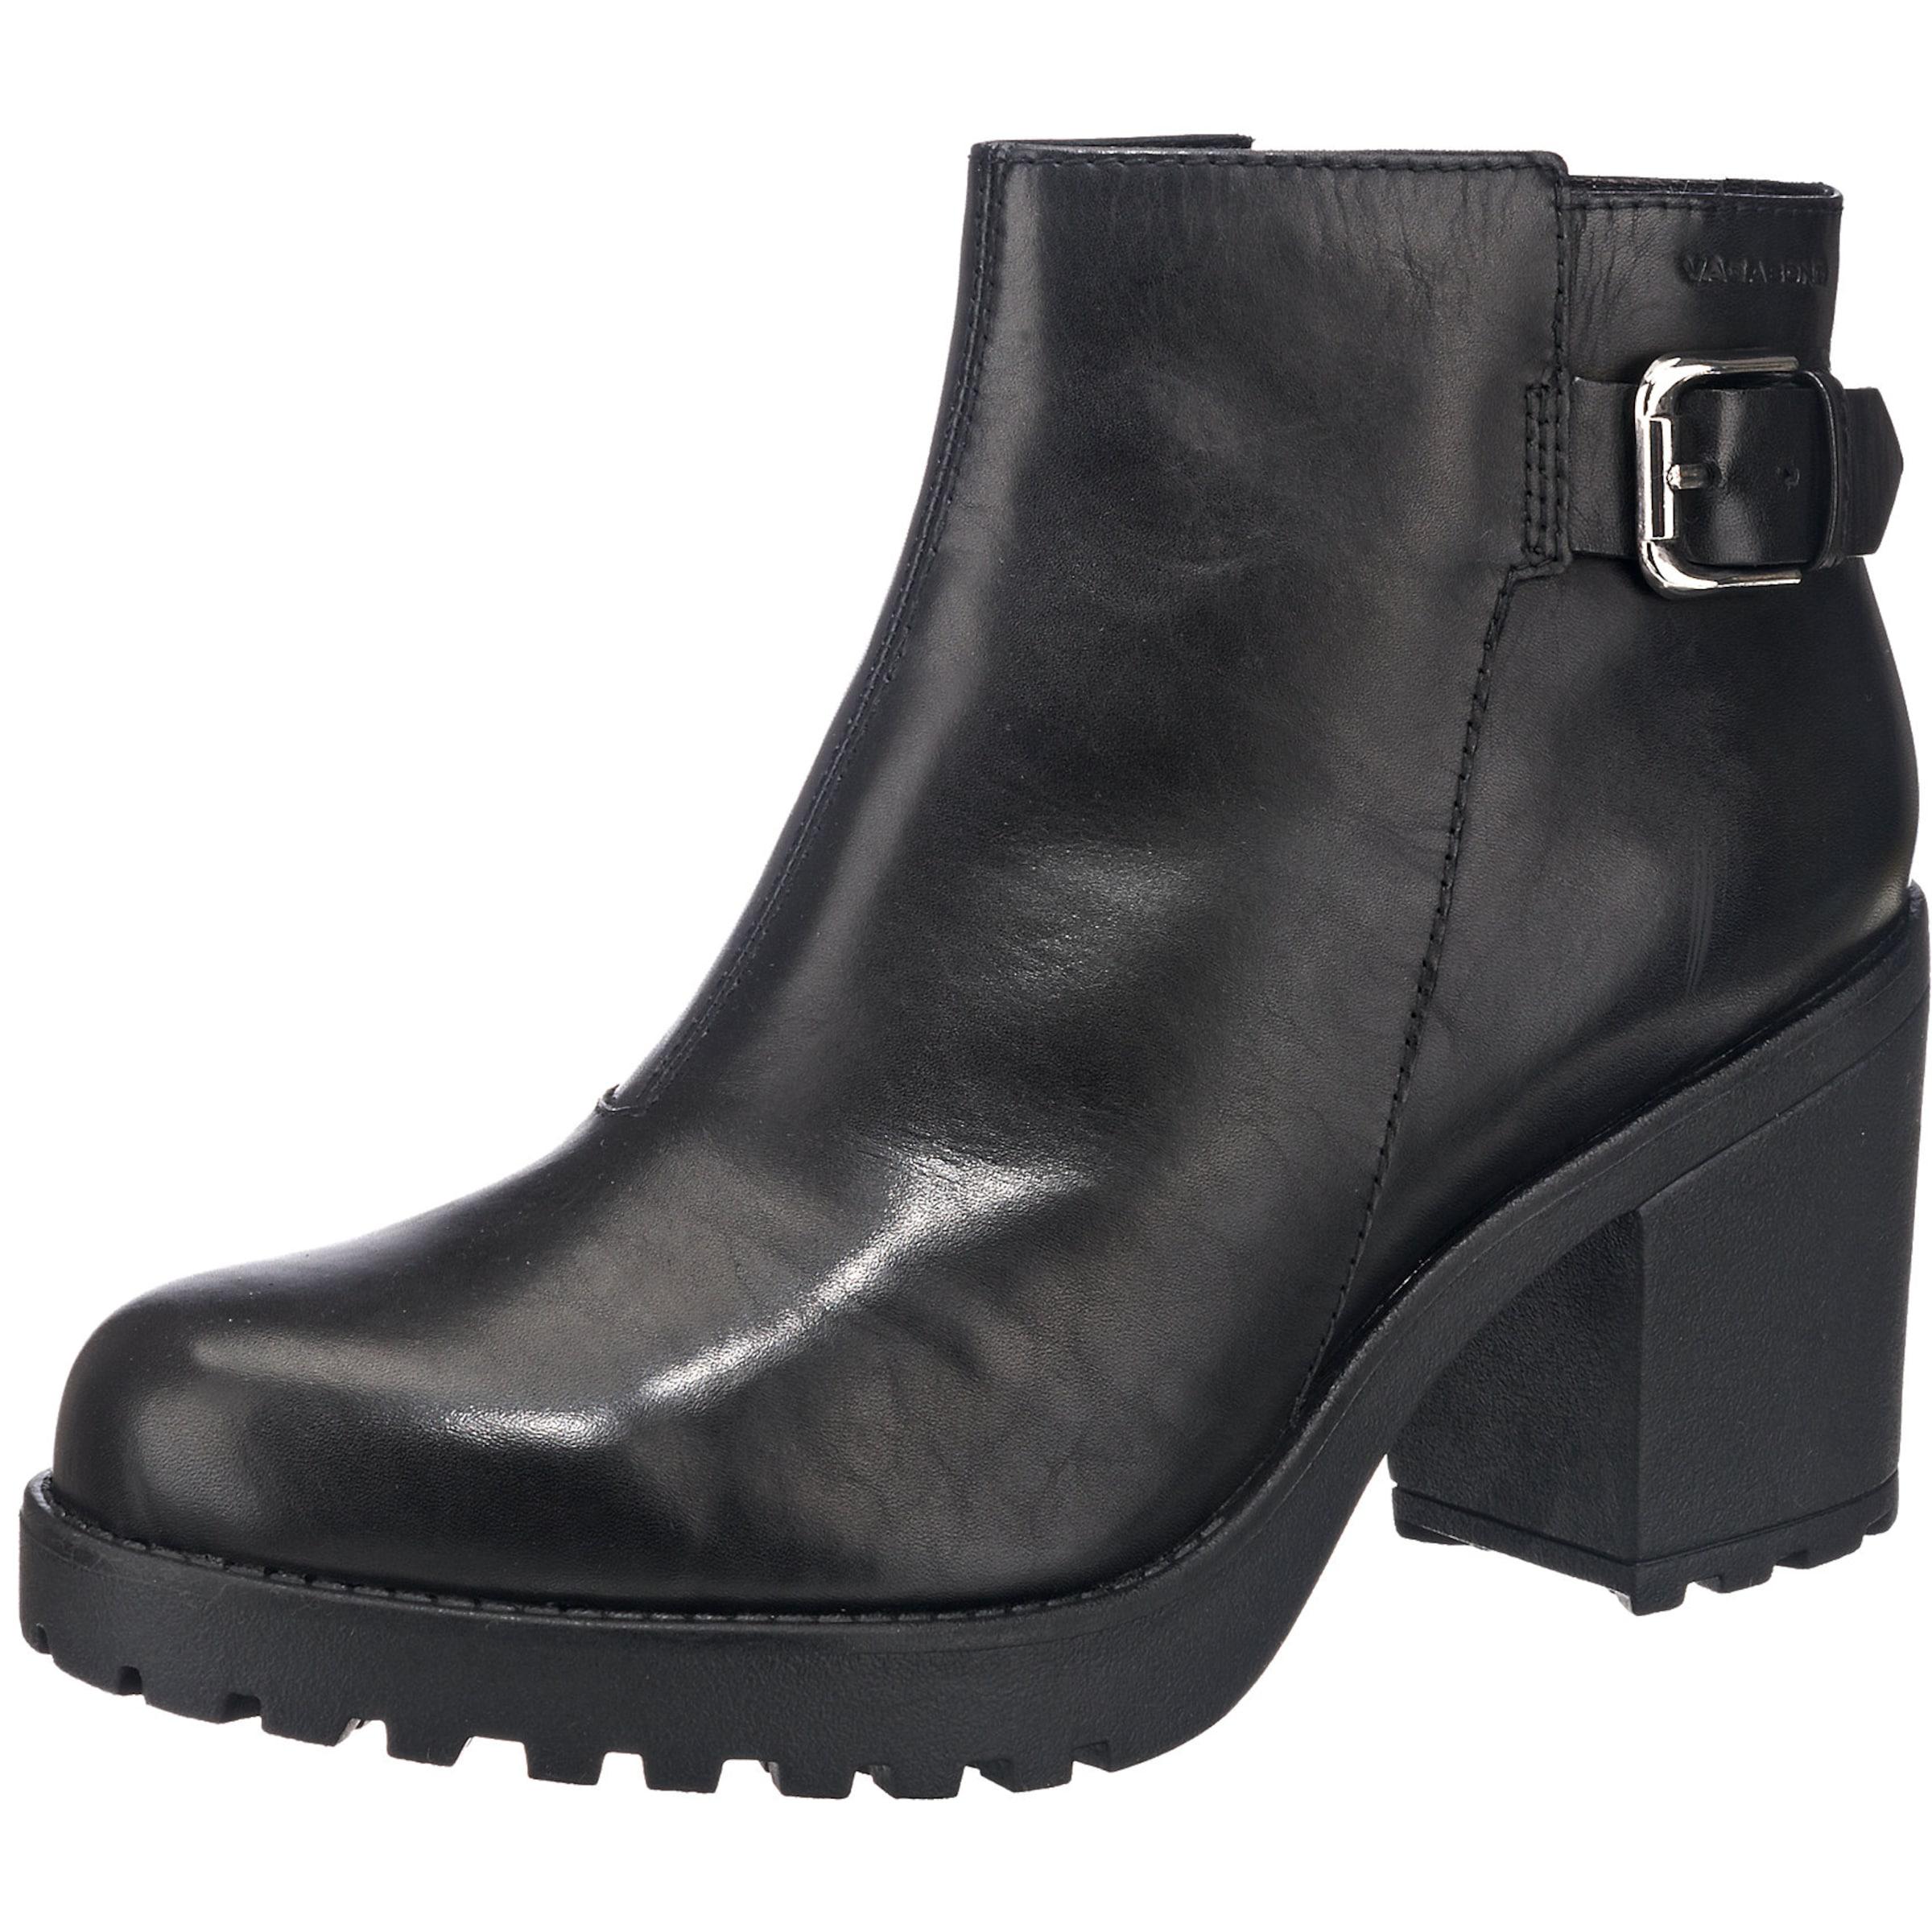 VAGABOND SHOEMAKERS Grace Stiefeletten Verschleißfeste billige Schuhe